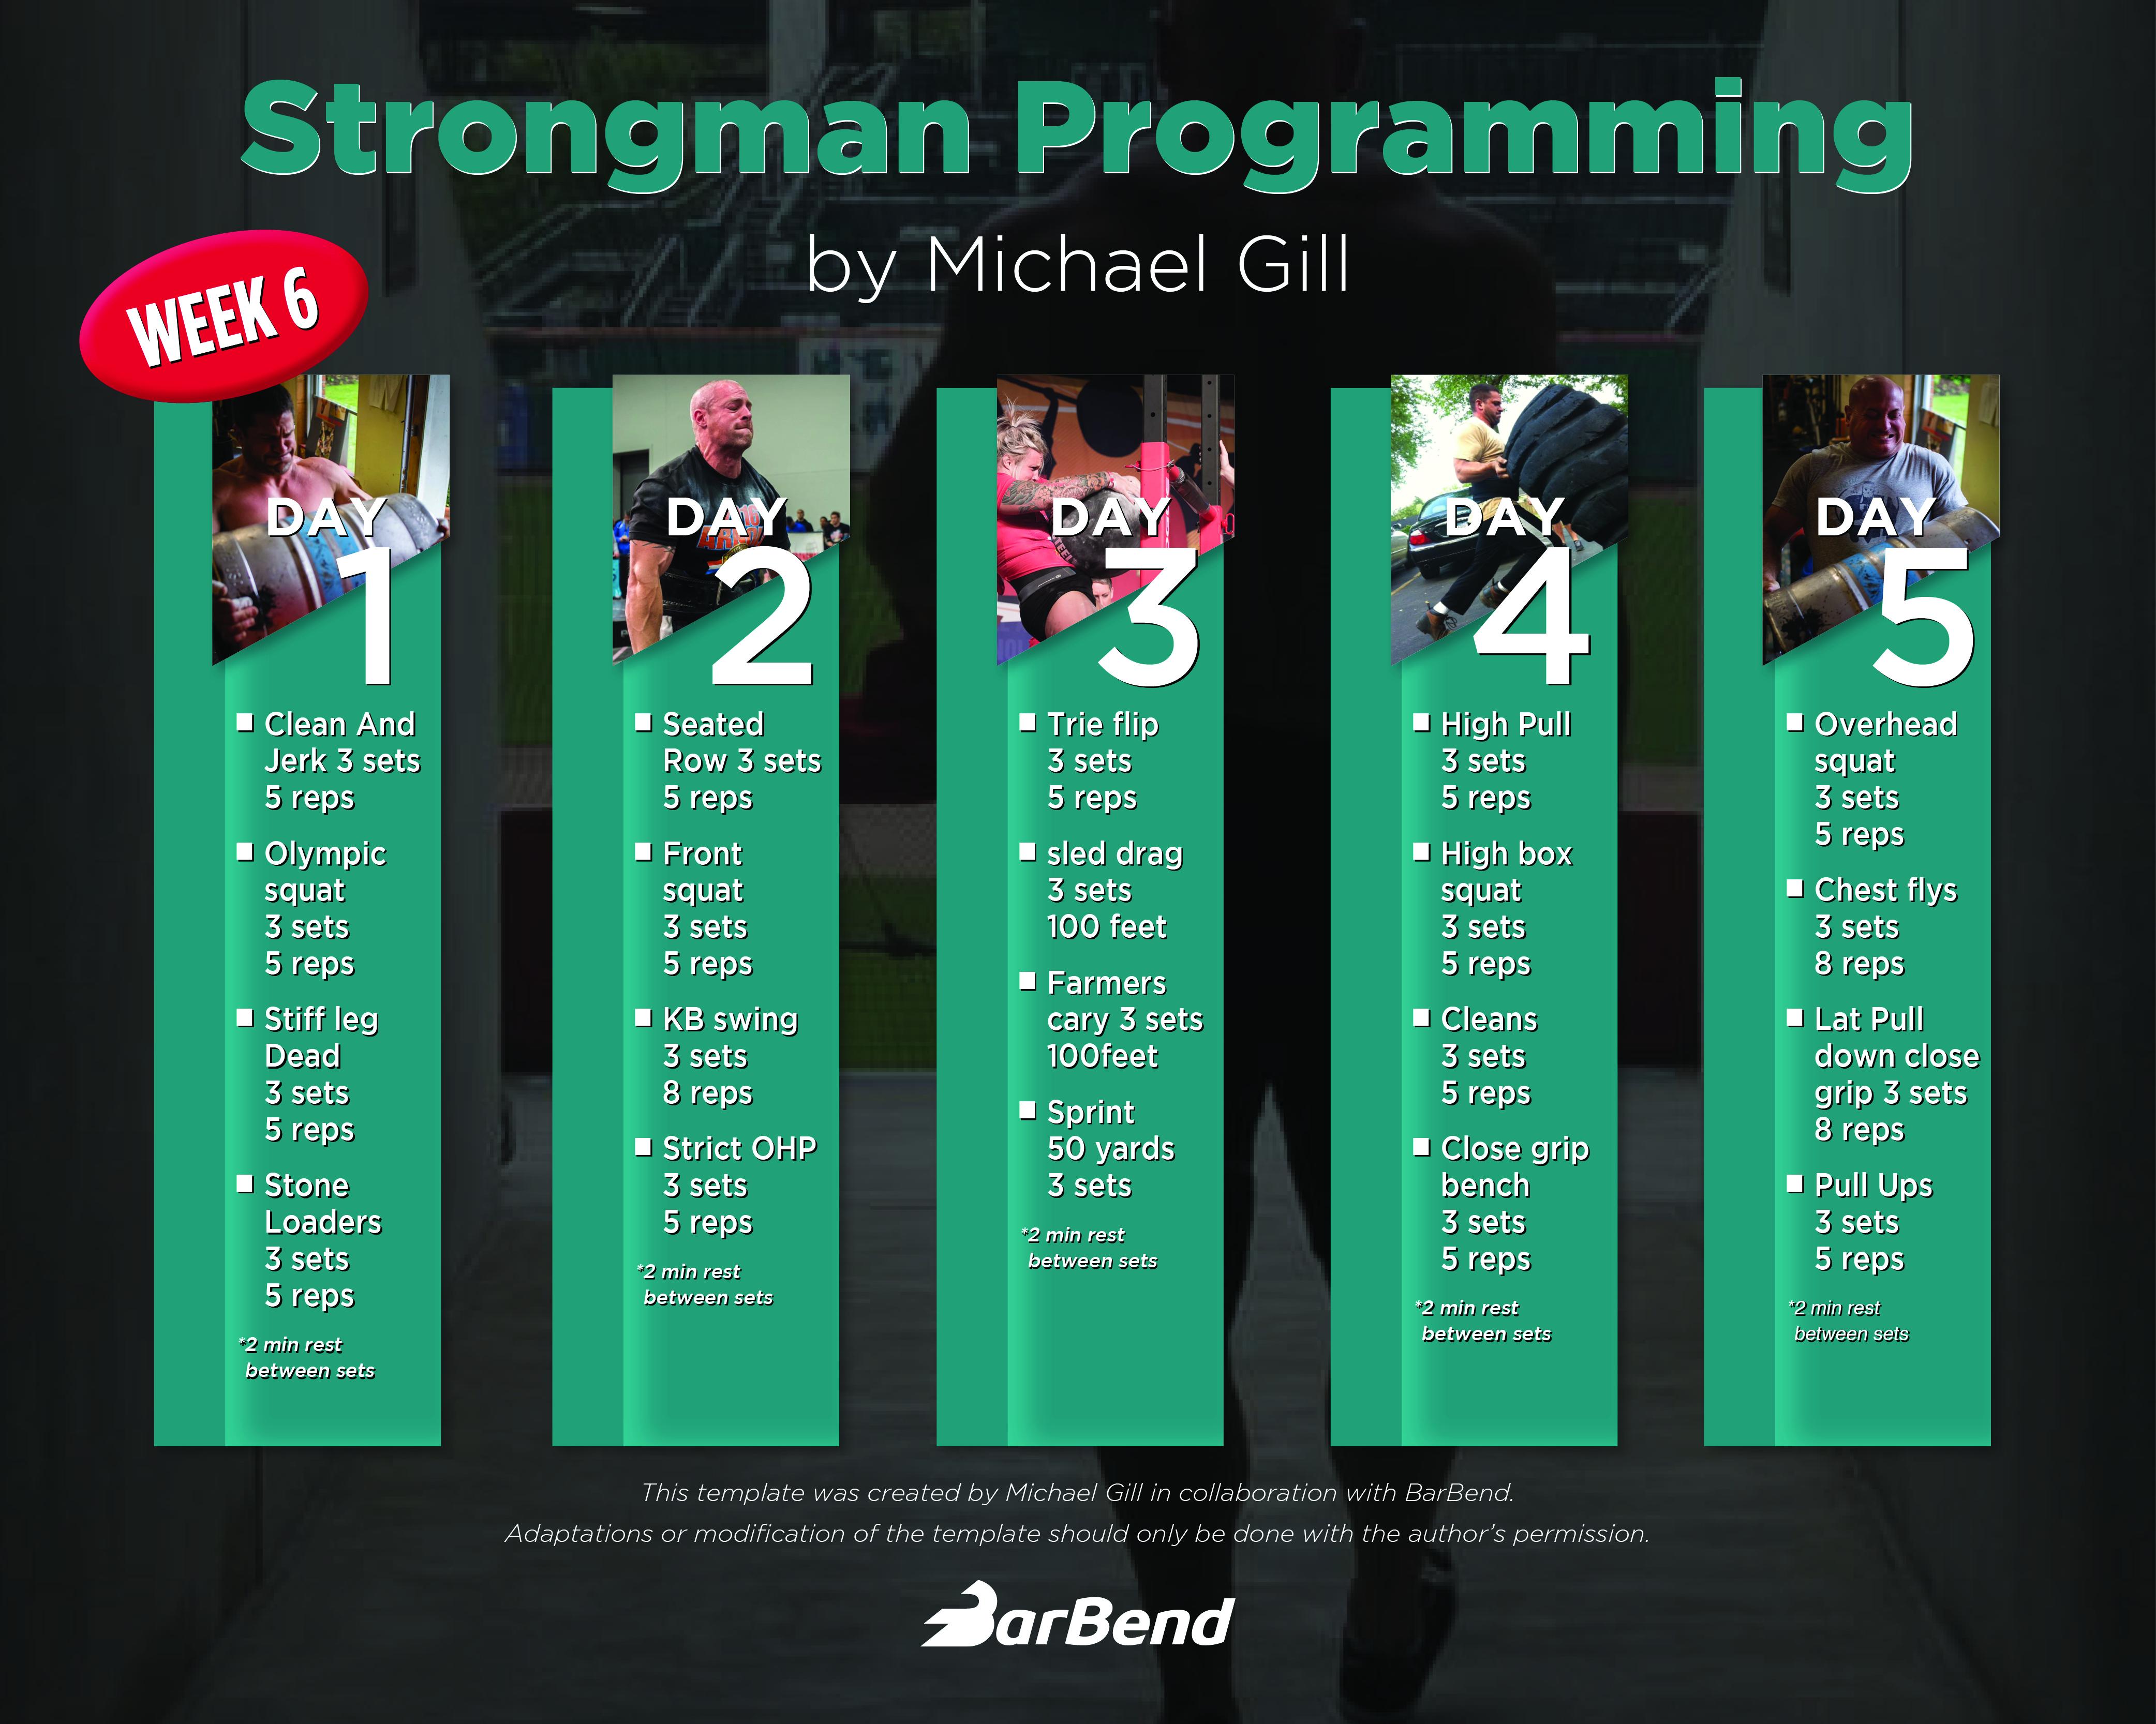 Strongman_Programming_Week6